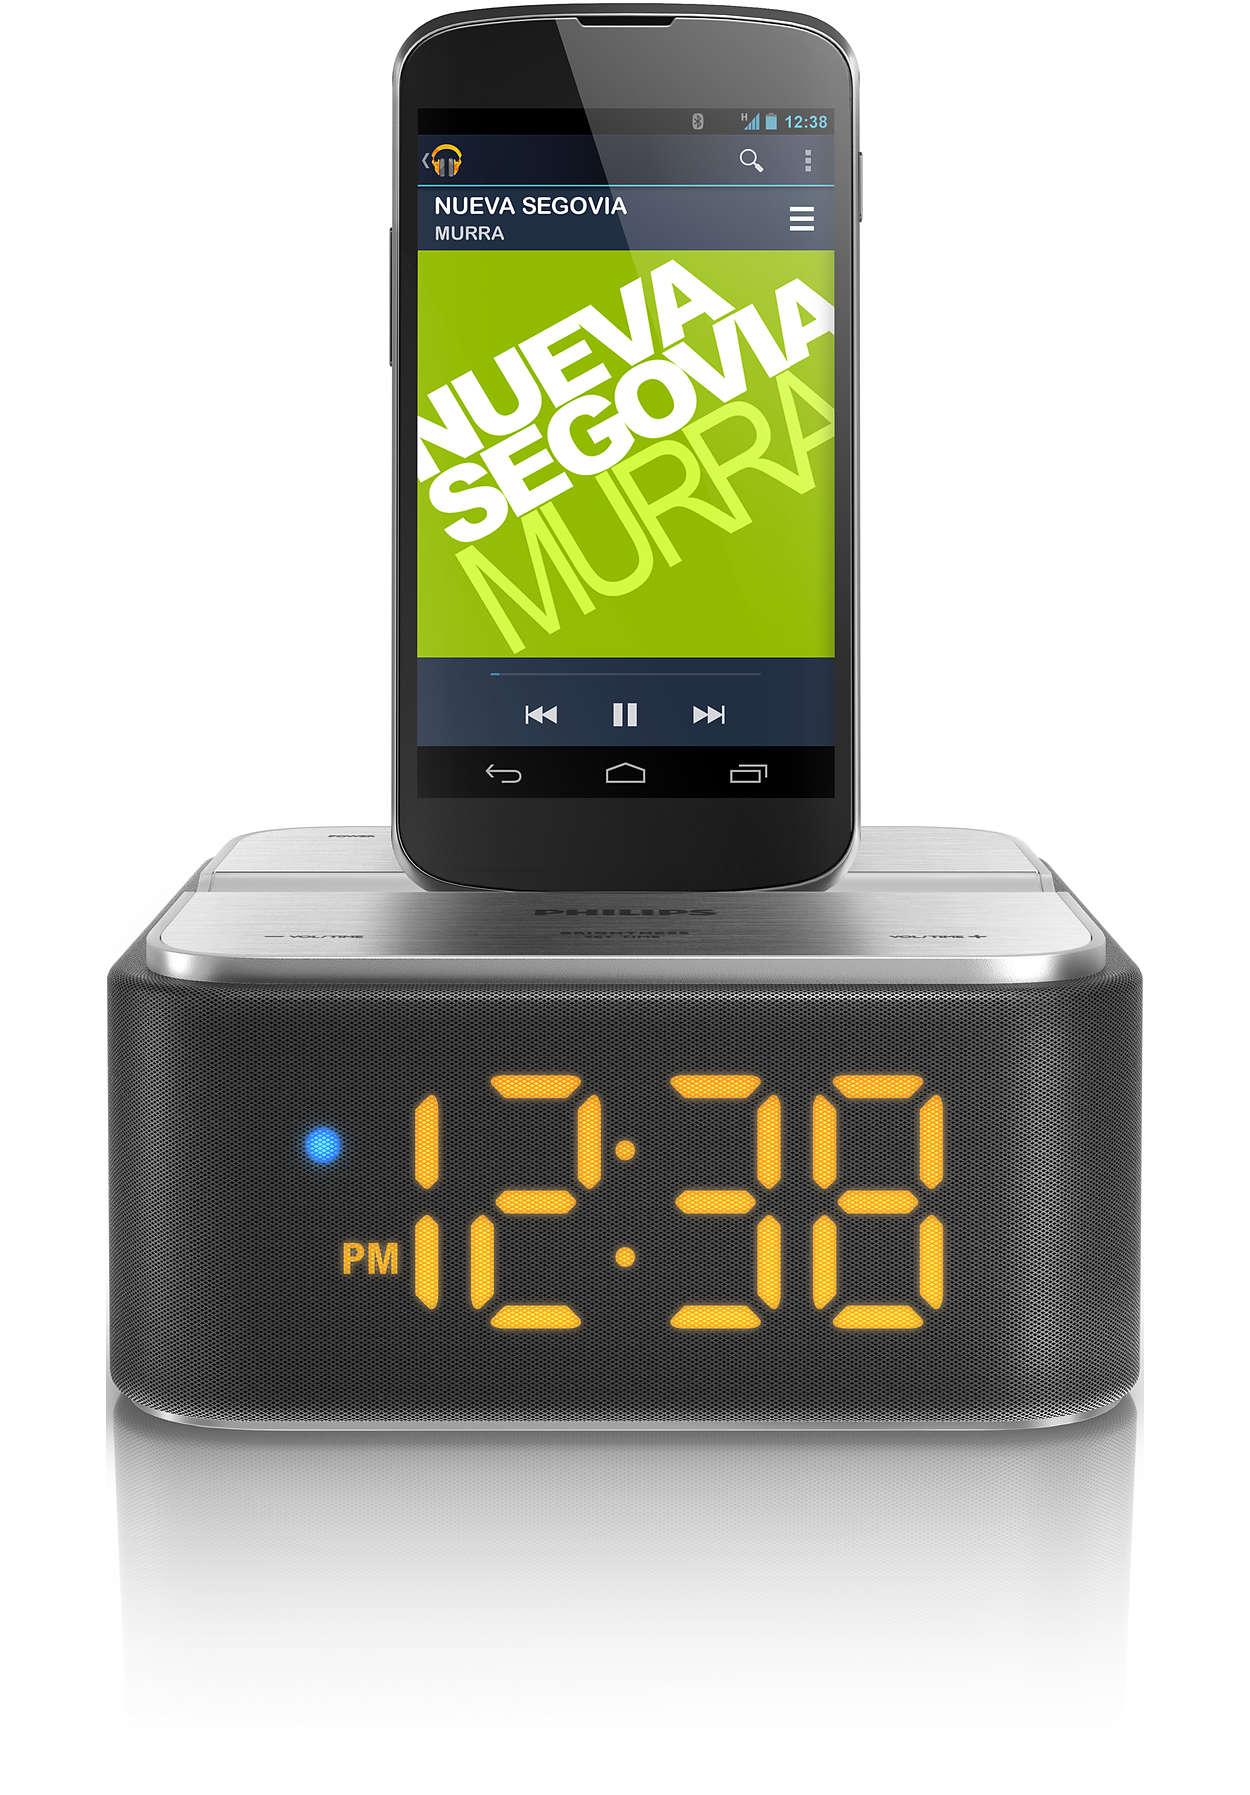 Streamen Sie Ihre Musik, und laden Sie Ihr Android-Telefon auf